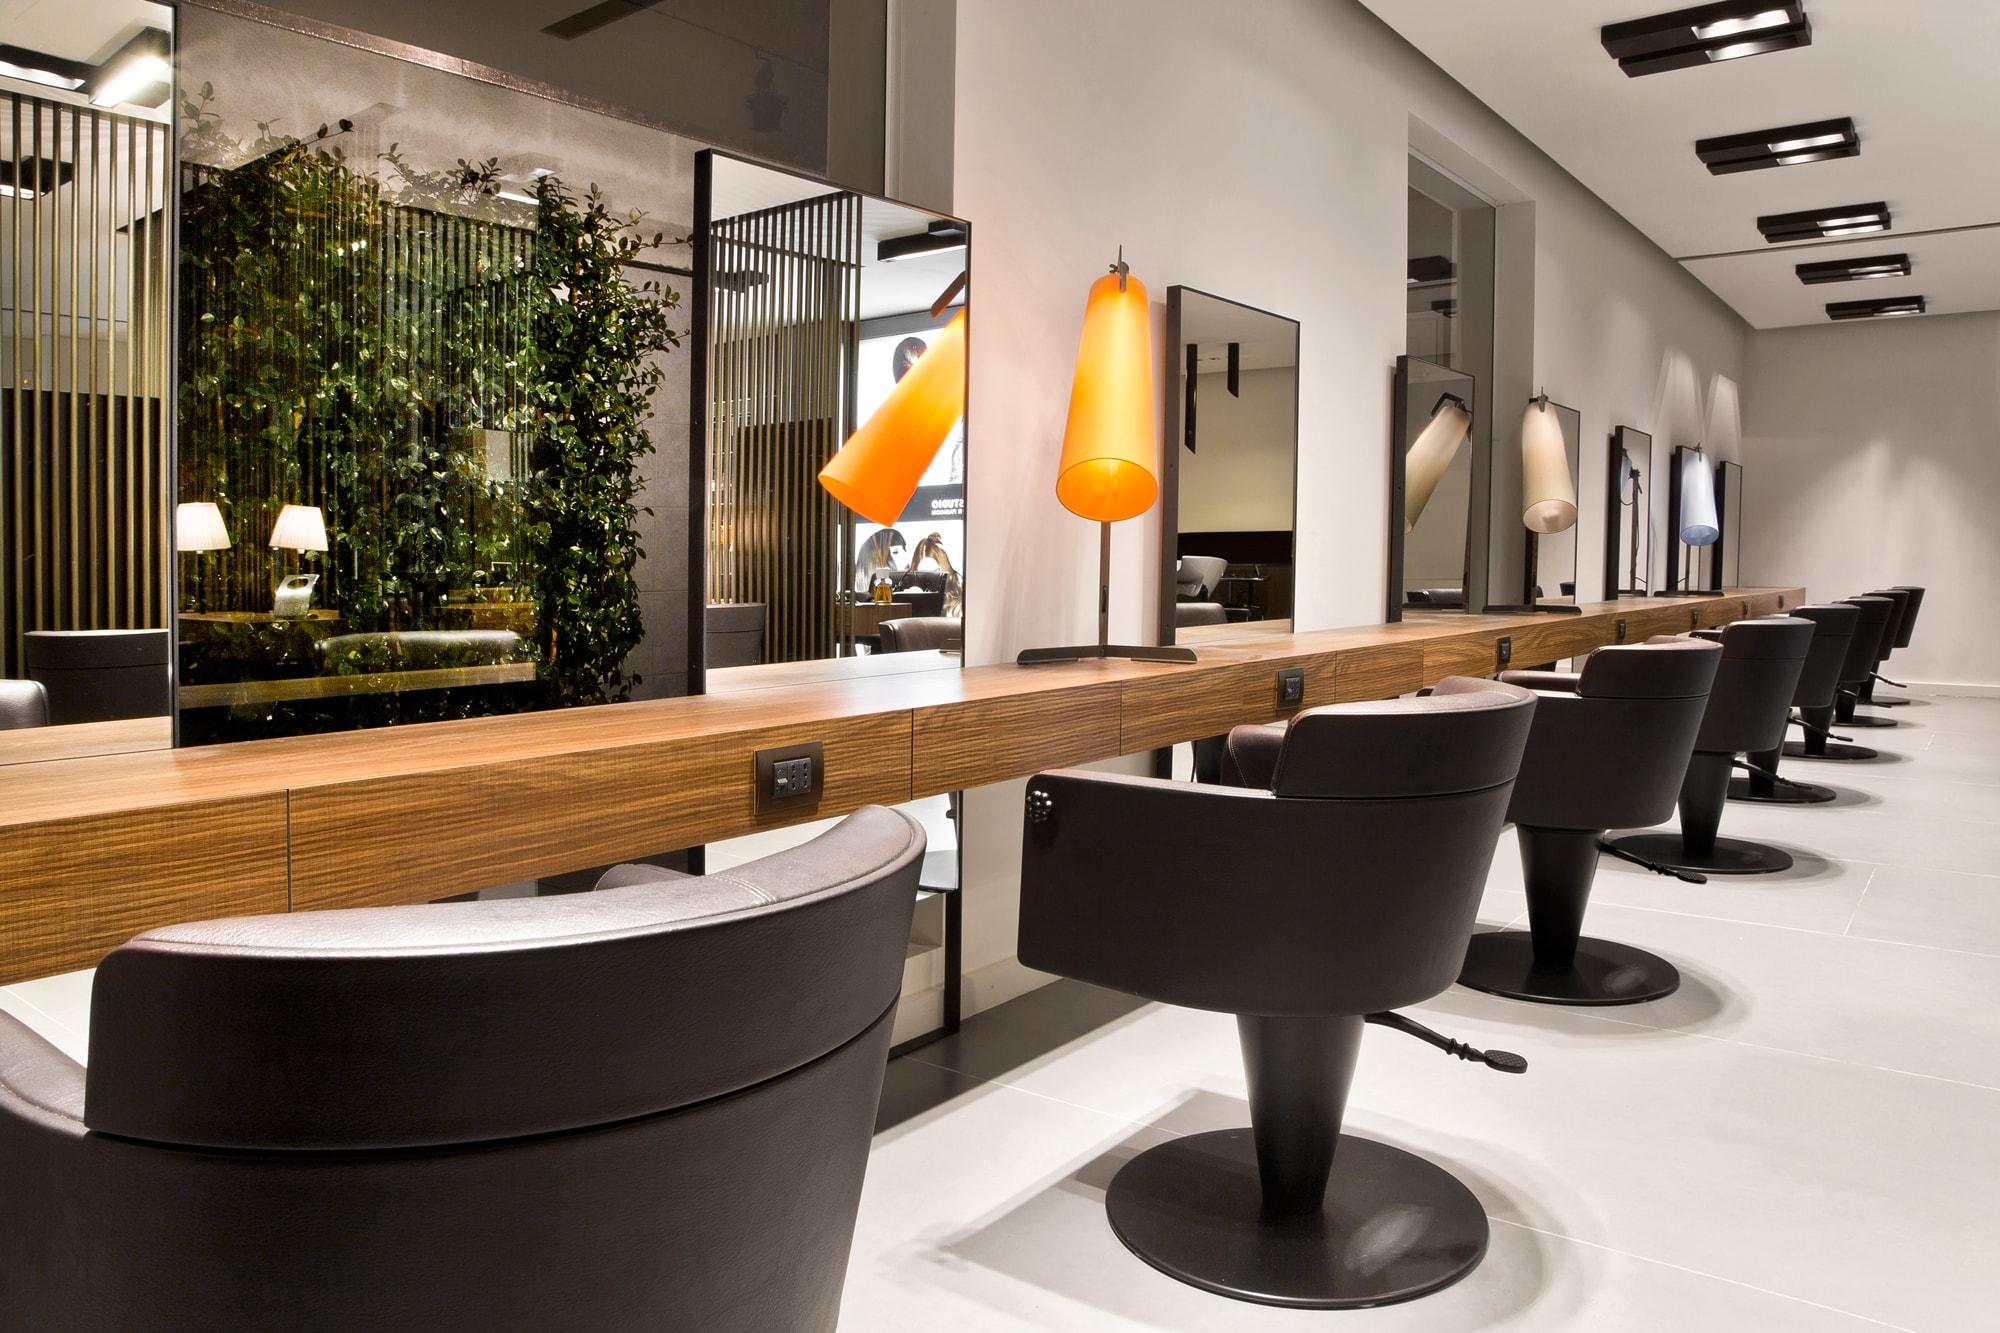 FabioBurrelliPhotography_Architecture_Interior_Salon_Web_2.jpg